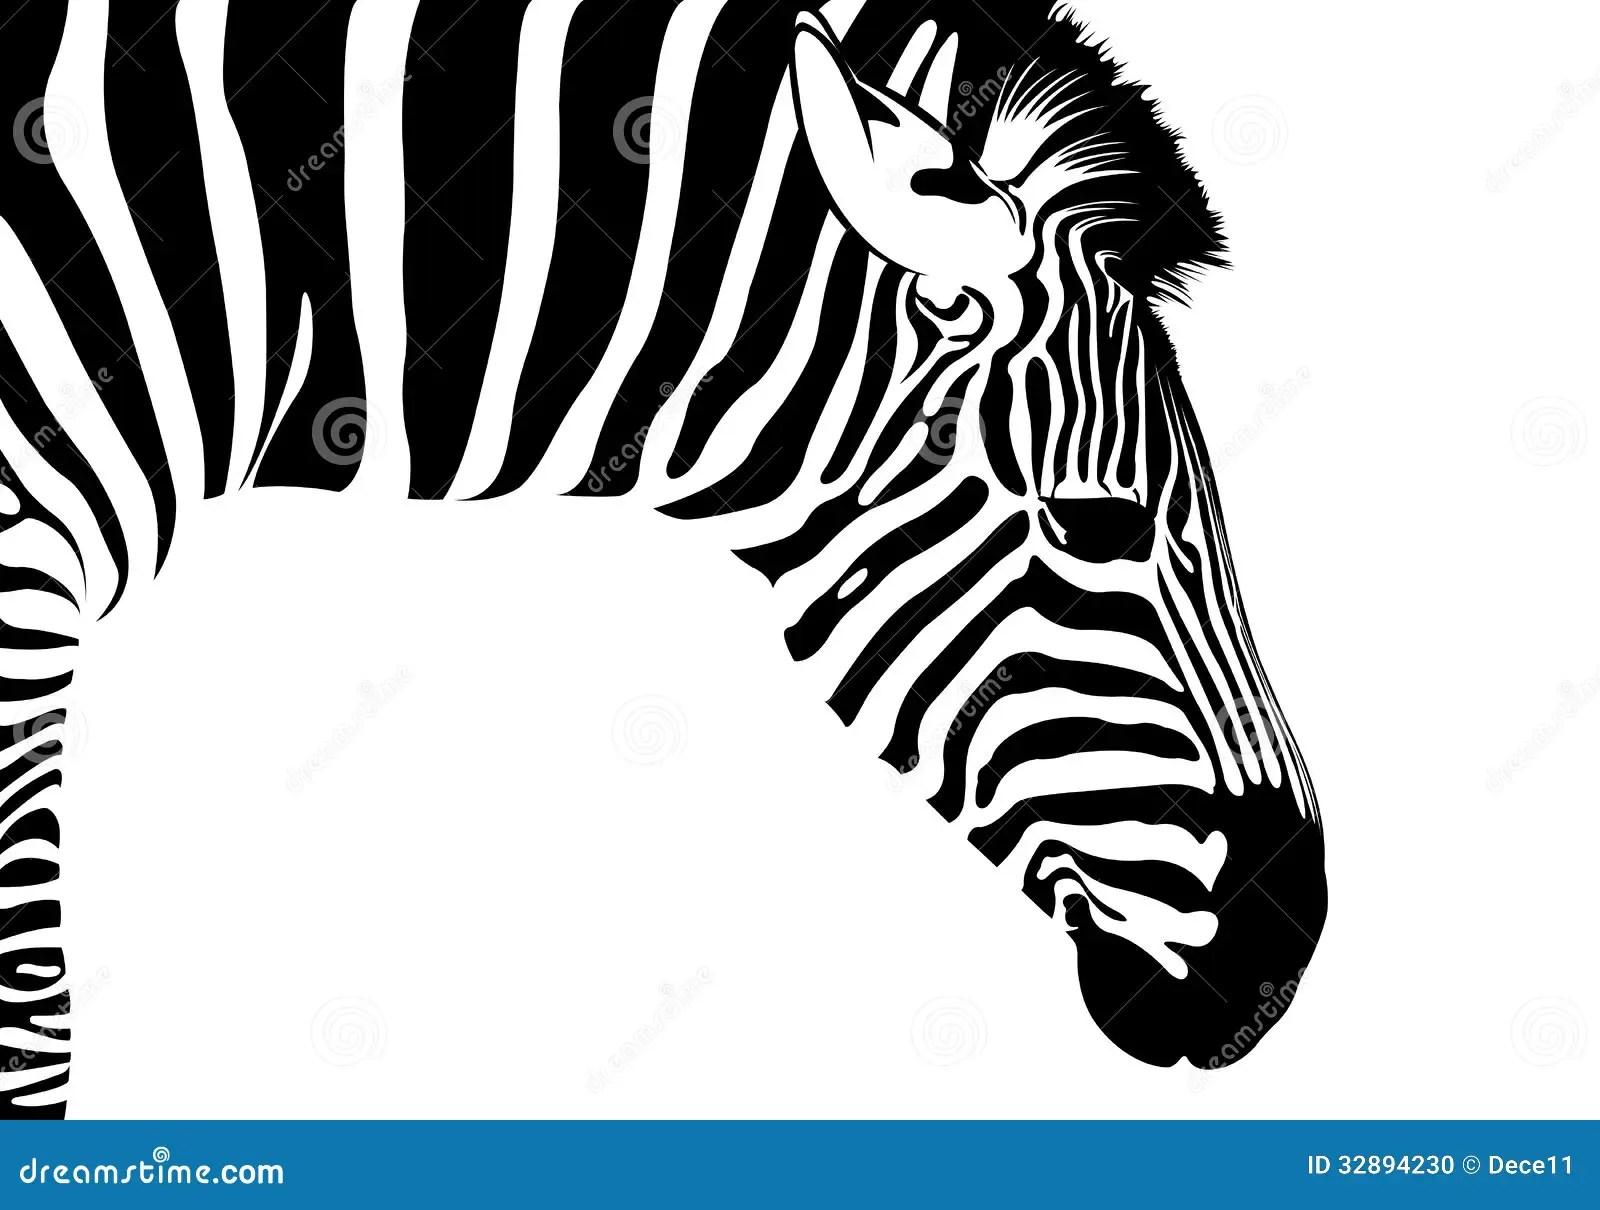 Zebra Isolated Stock Vector Illustration Of Detail